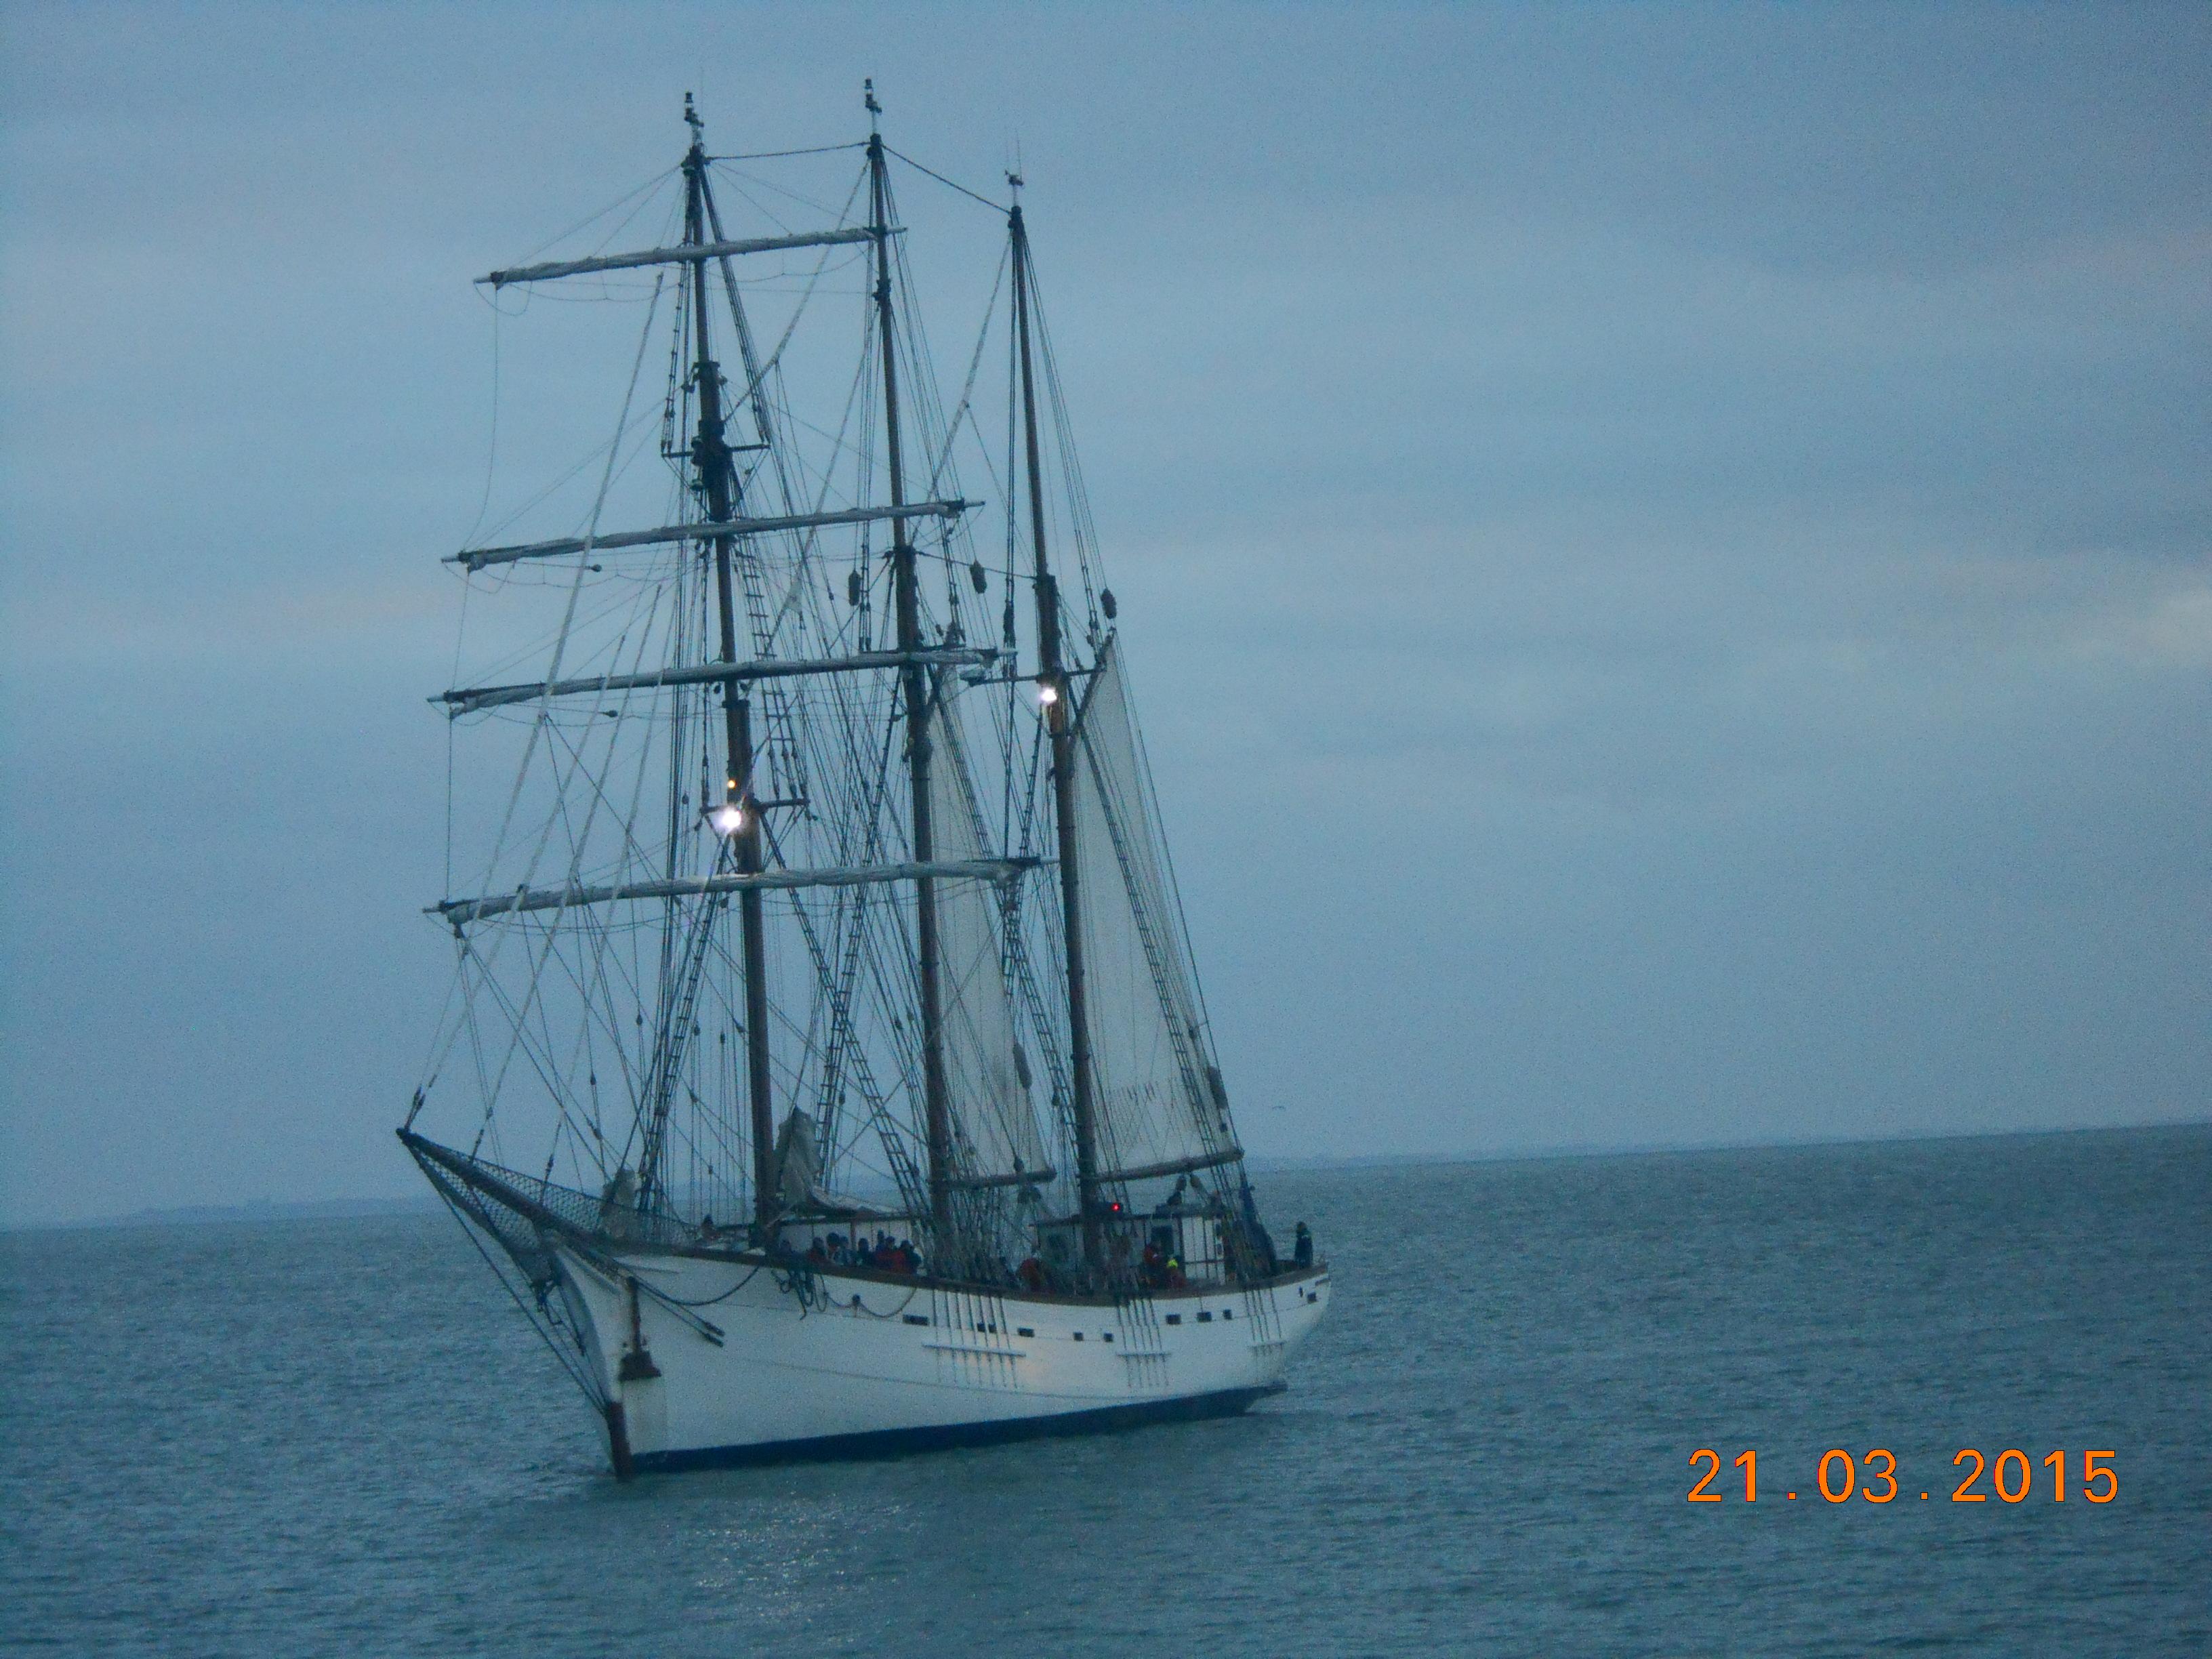 [Marine à voile] Le MARITÉ - Page 3 2087142015032111GranvilleMarit